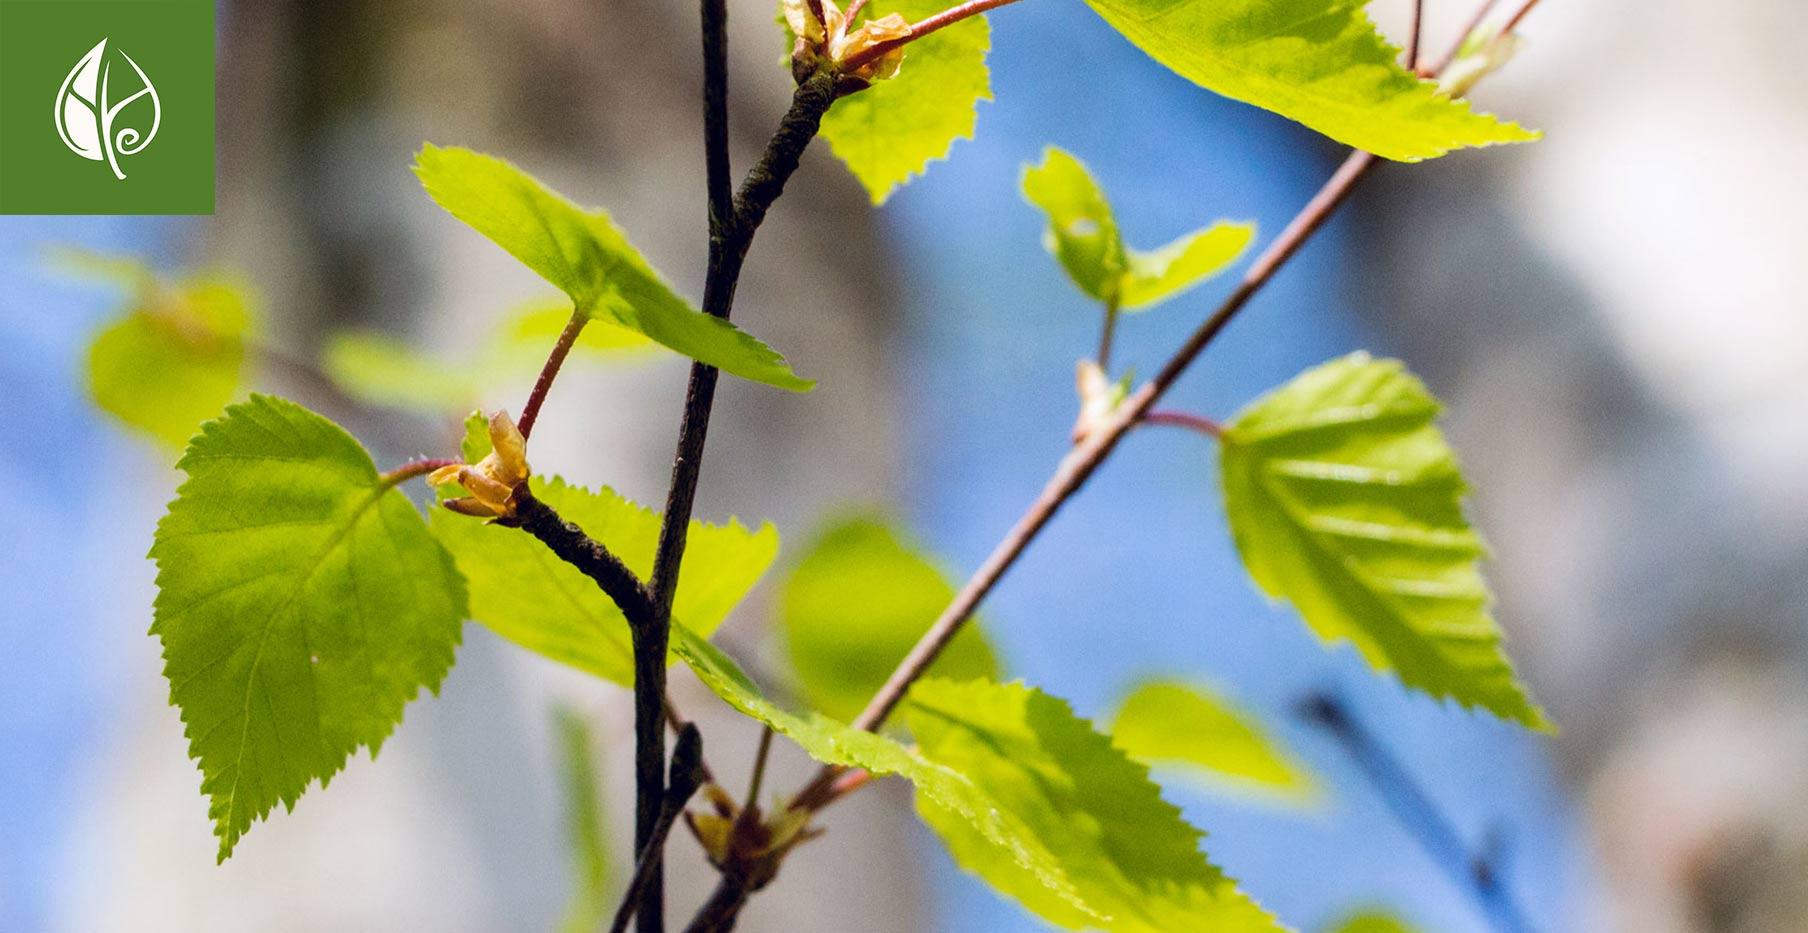 Herbal Hunter kräuterwanderungen in Potsdam 2019 - Ich ess Bäume